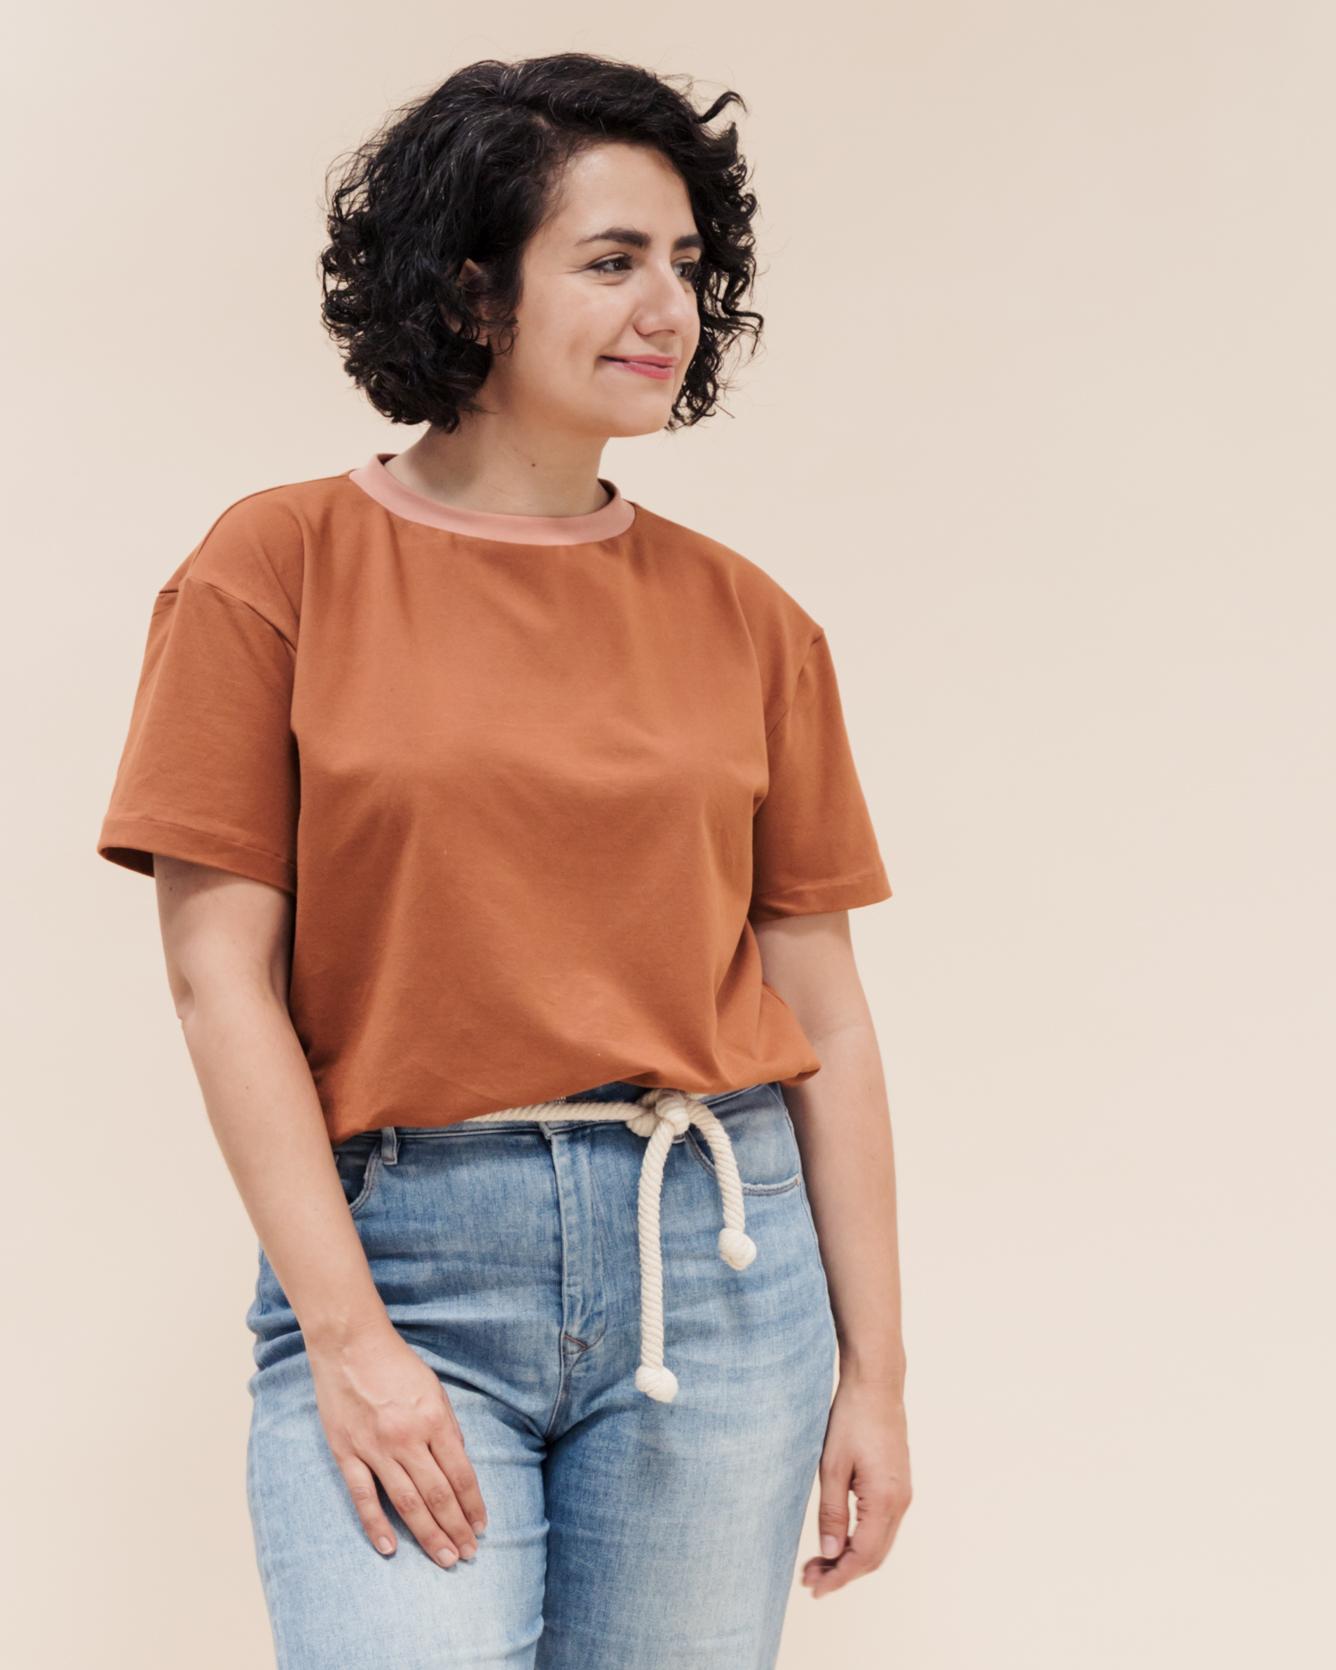 Tomboy trendige Oversize T-Shirts in angesagtem Boyfriend Look.